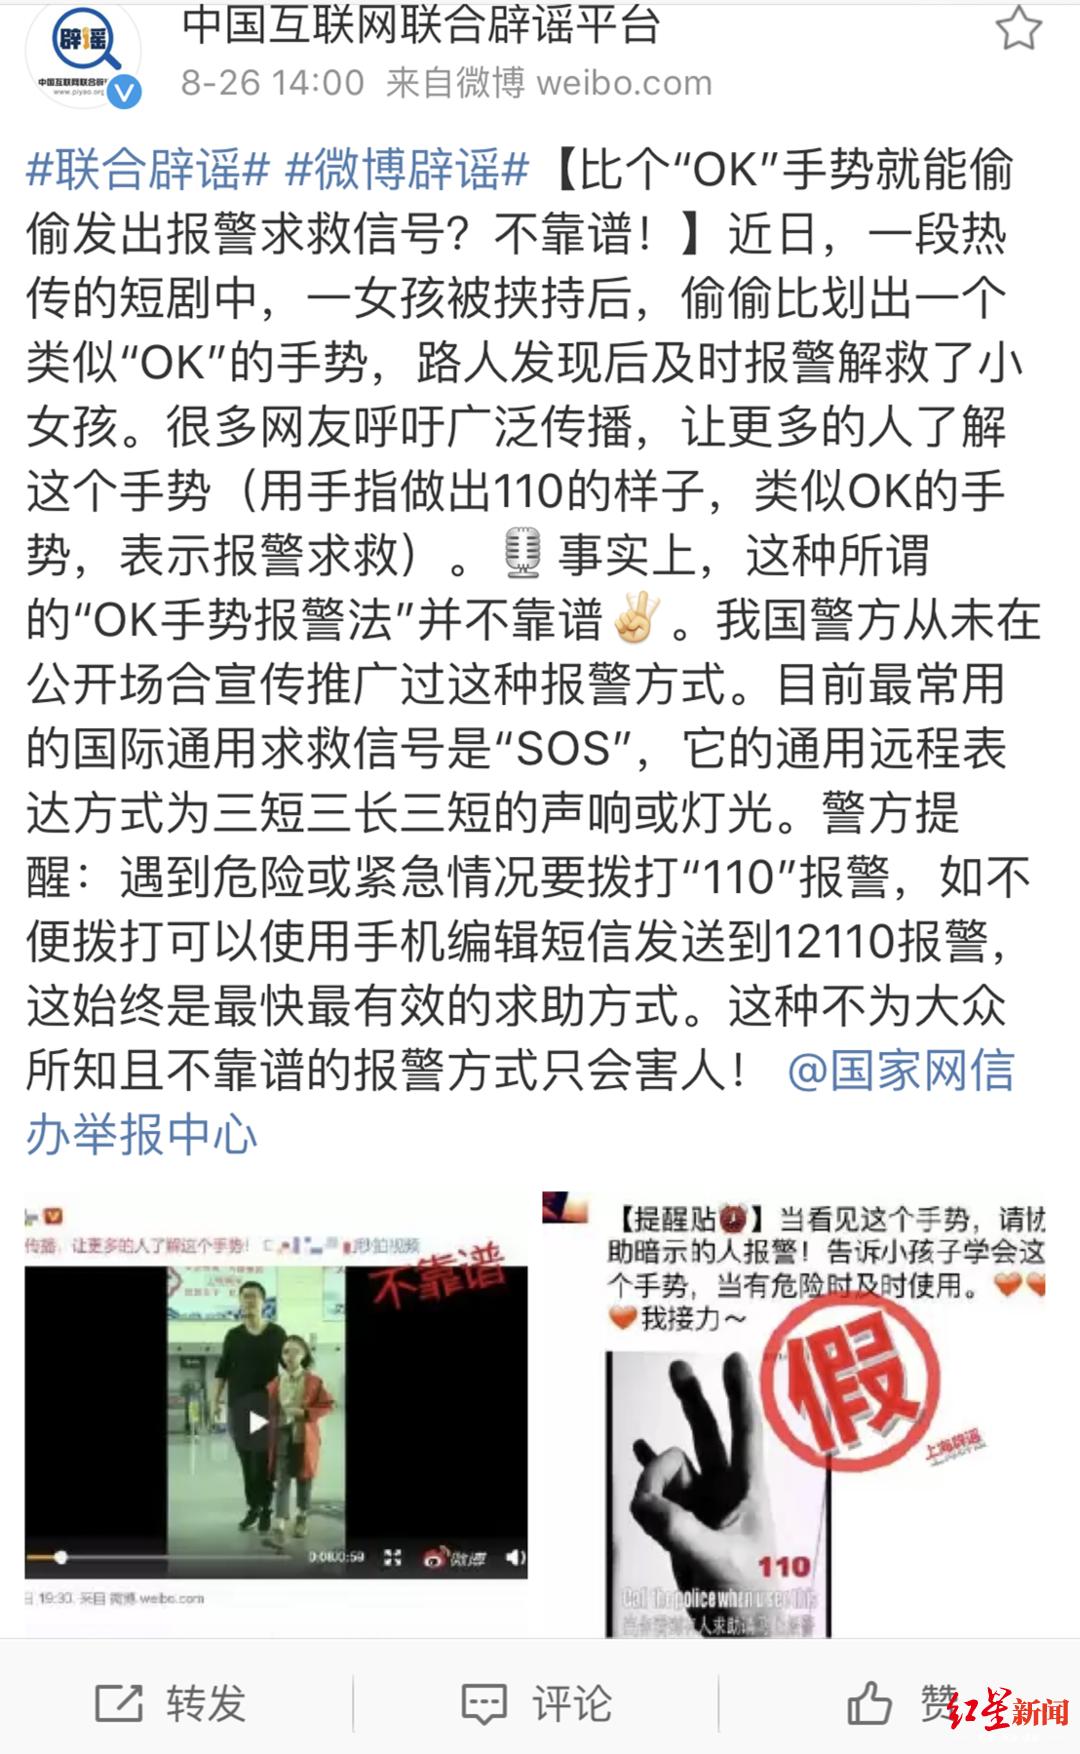 @中国互联网联合辟谣平台 微博辟谣OK报警手势截图